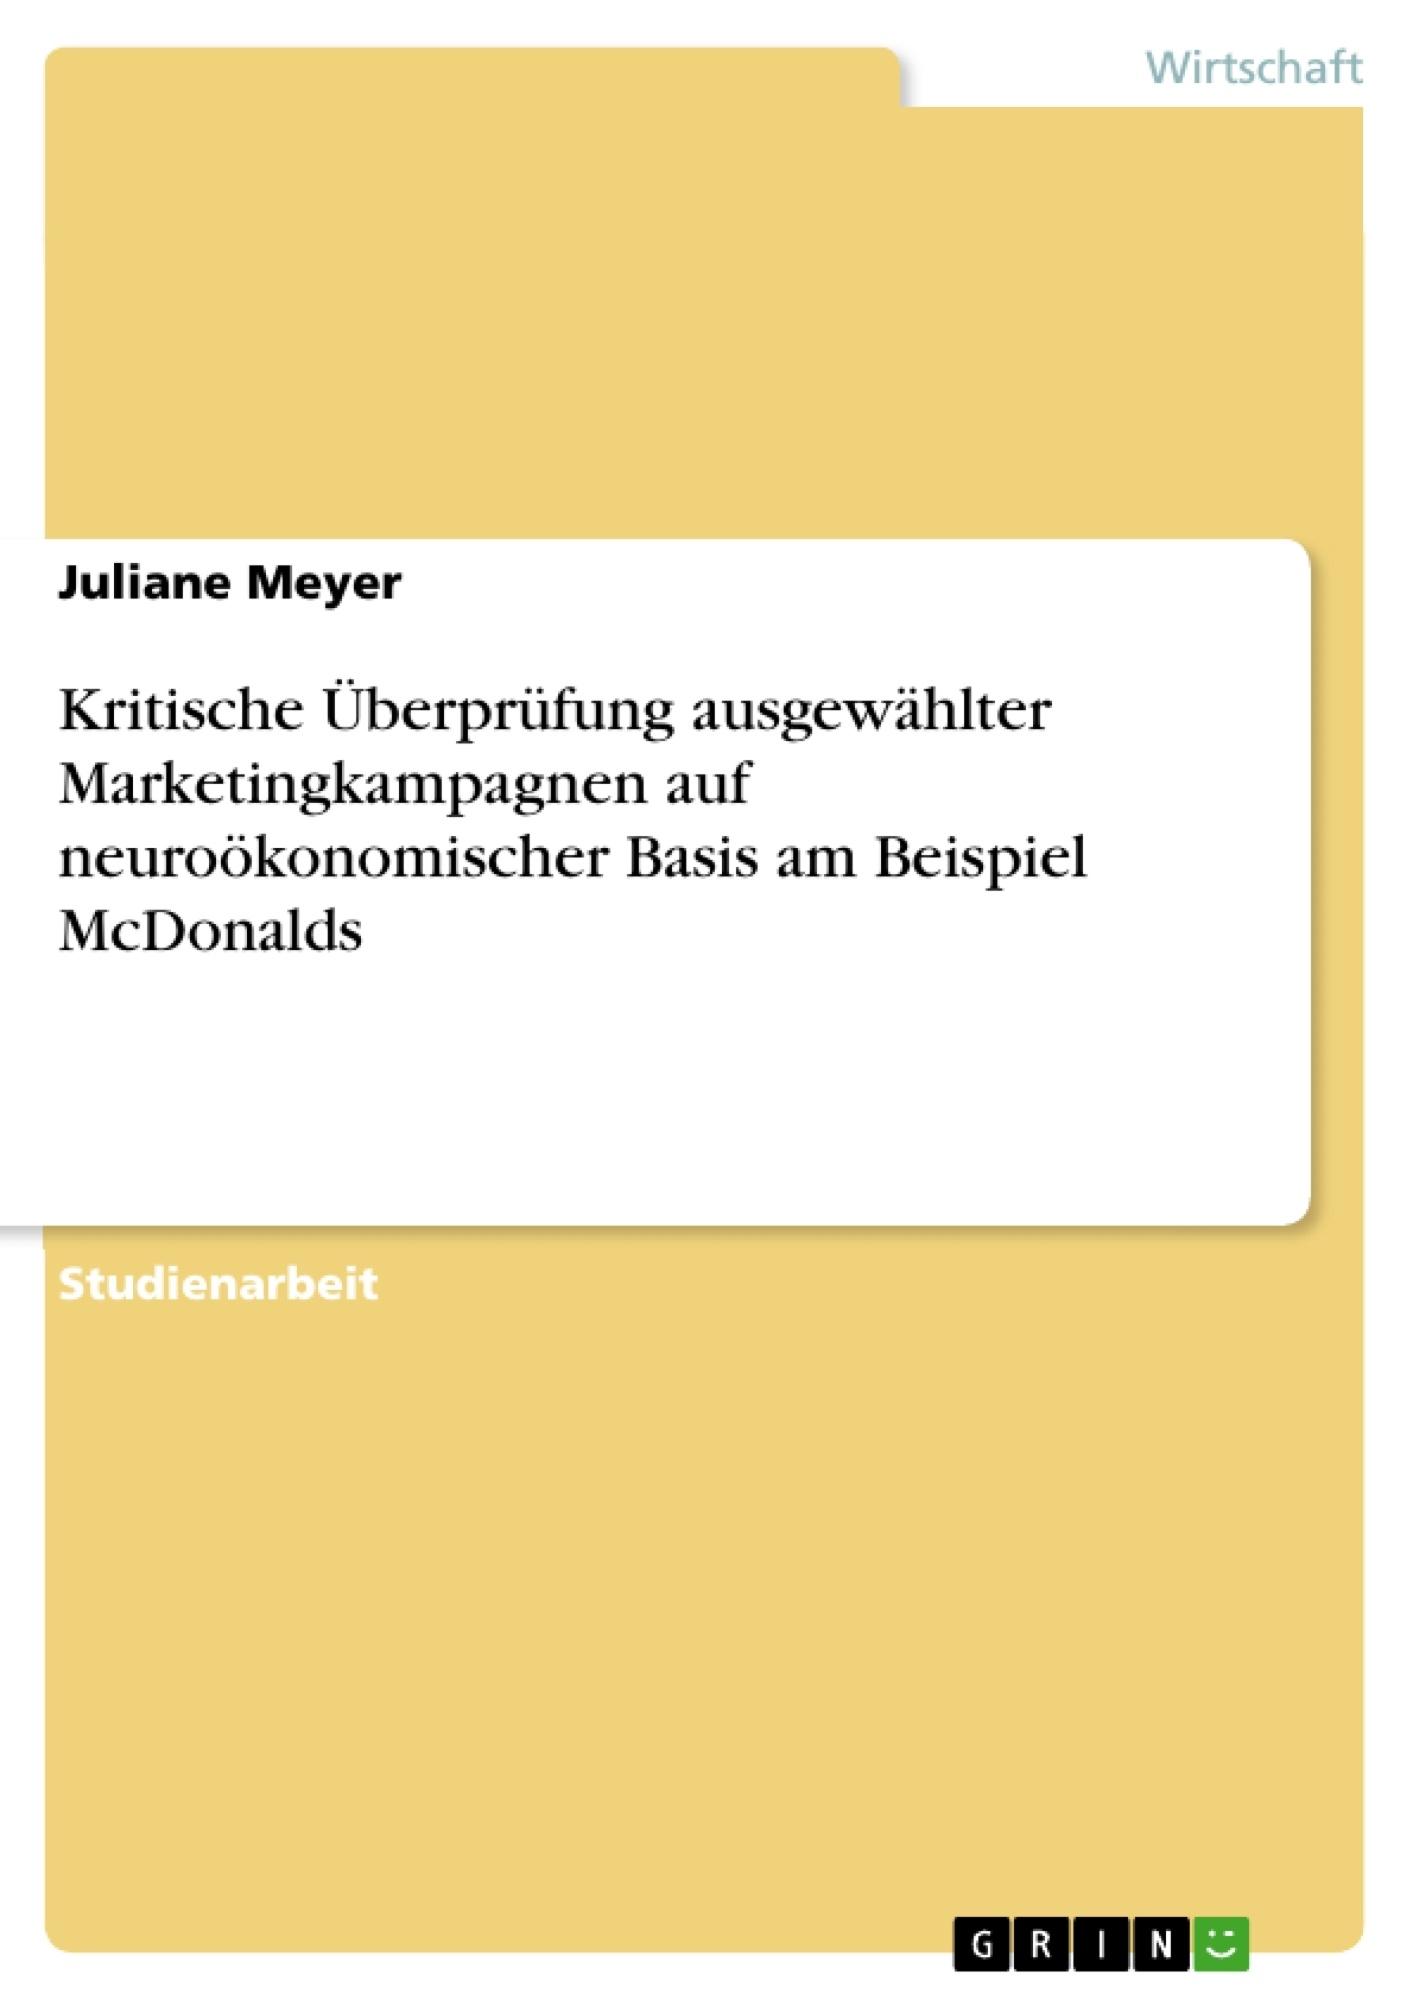 Titel: Kritische Überprüfung ausgewählter Marketingkampagnen auf neuroökonomischer Basis am Beispiel McDonalds